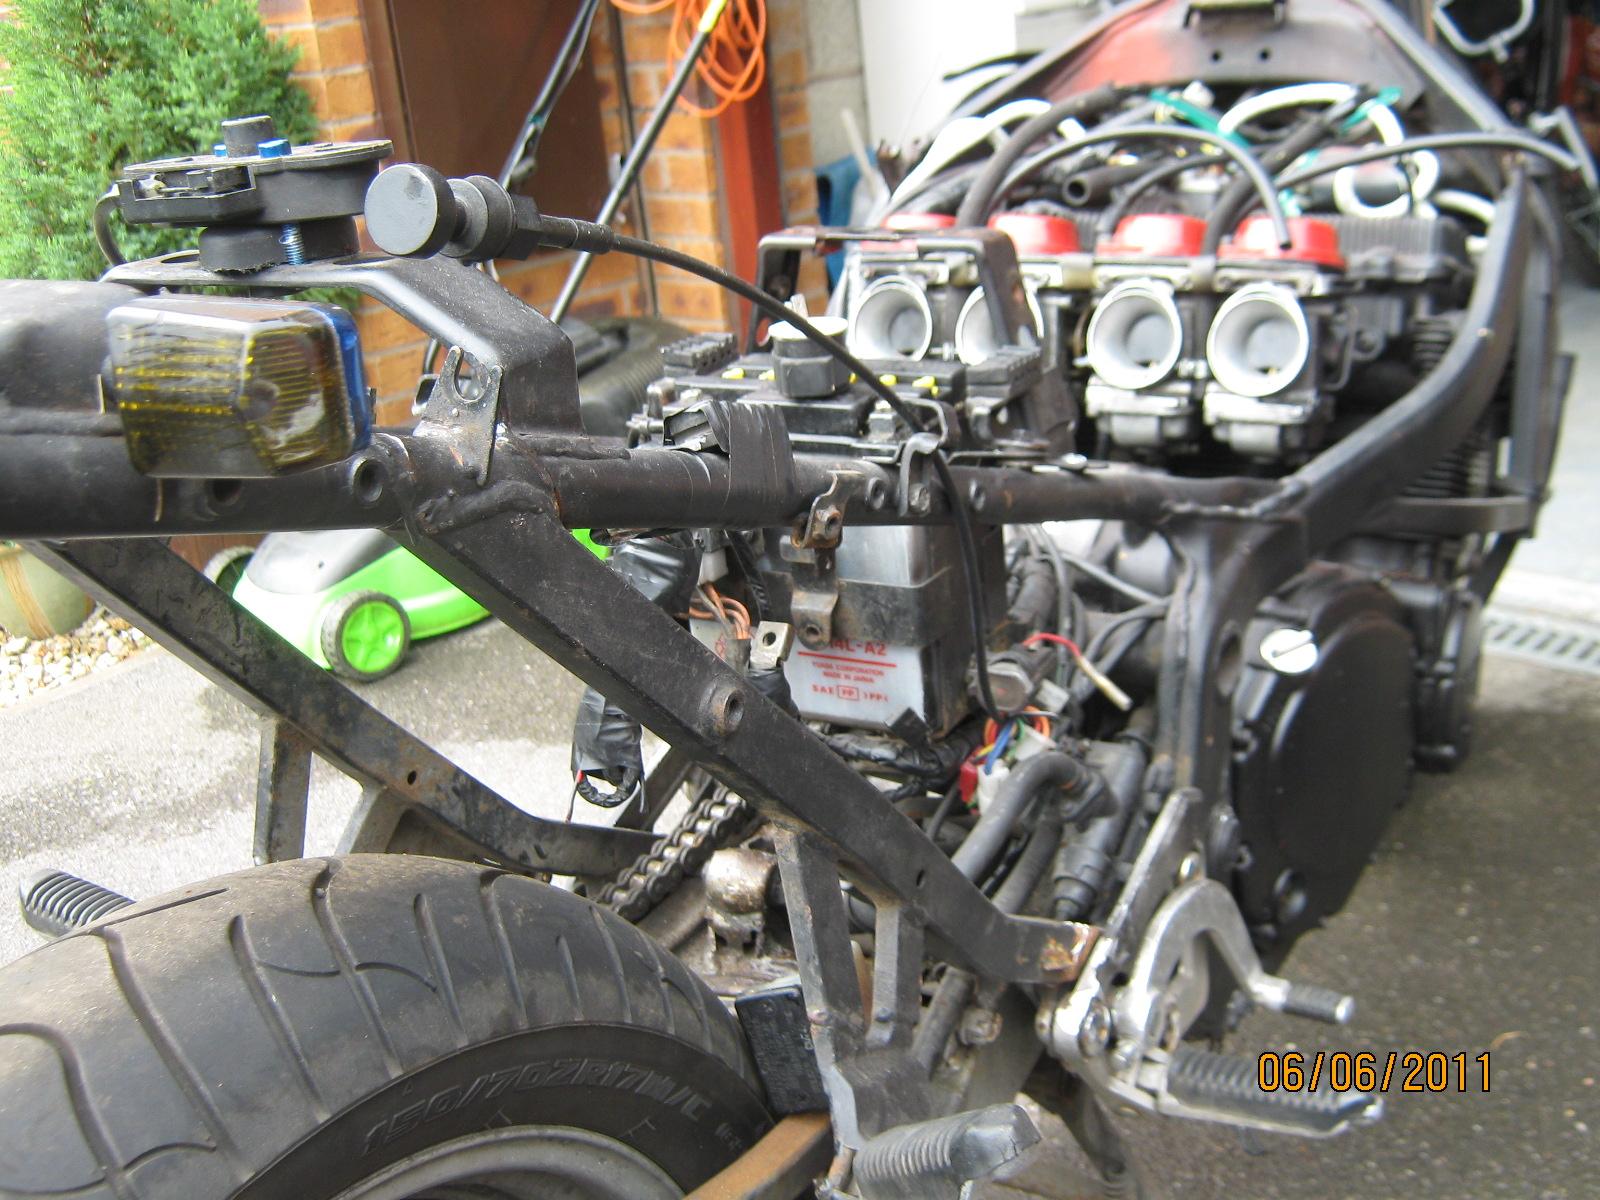 suzuki gsx 750 f wiring diagram trusted wiring diagram suzuki lt 125 tires 125 suzuki 4 [ 1600 x 1200 Pixel ]